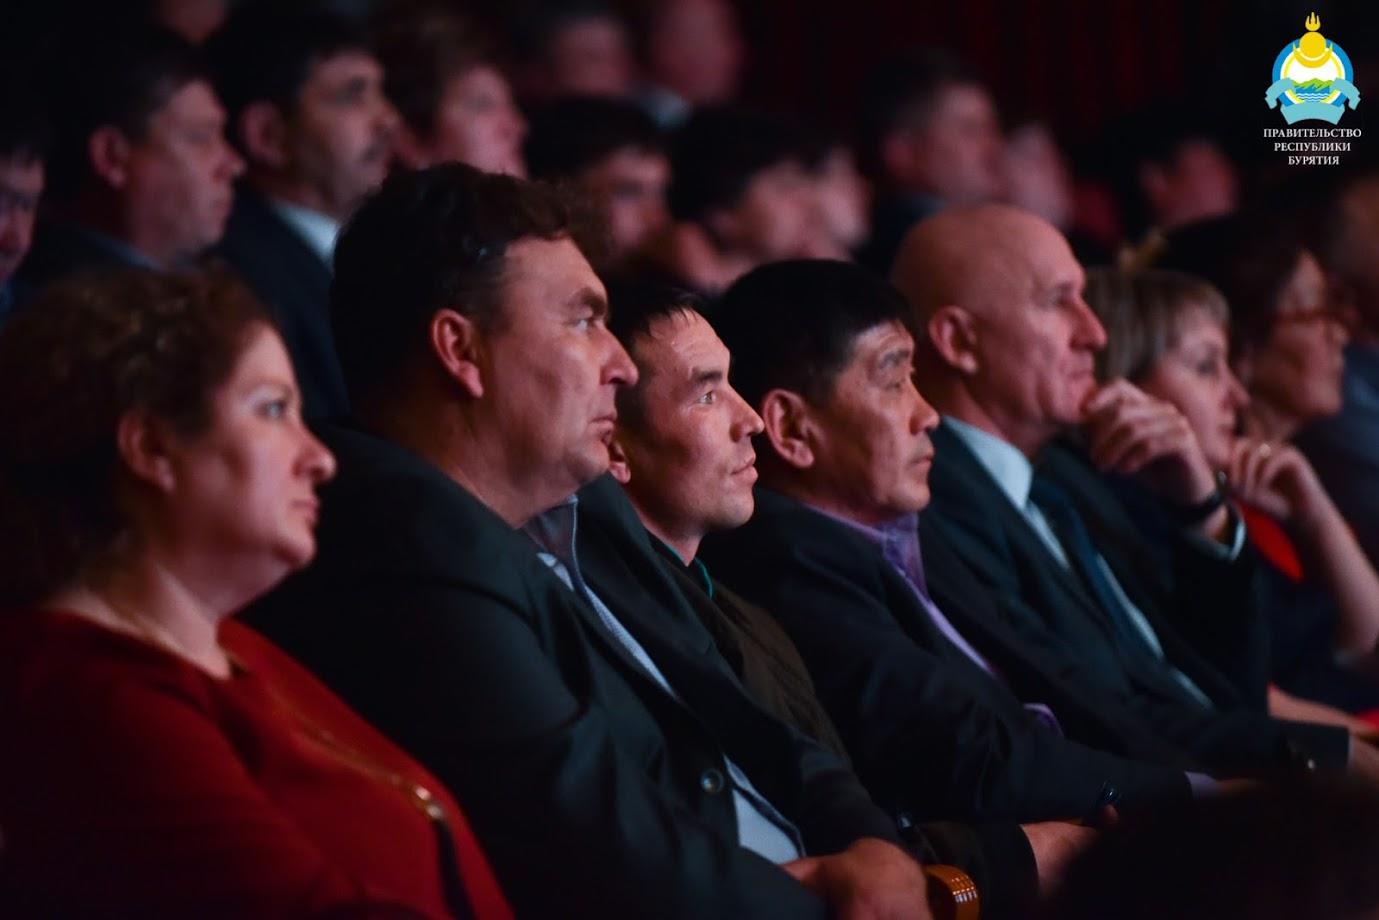 Алексей Цыденов: «Когда мы вместе возьмемся за дело, у нас всё получится»